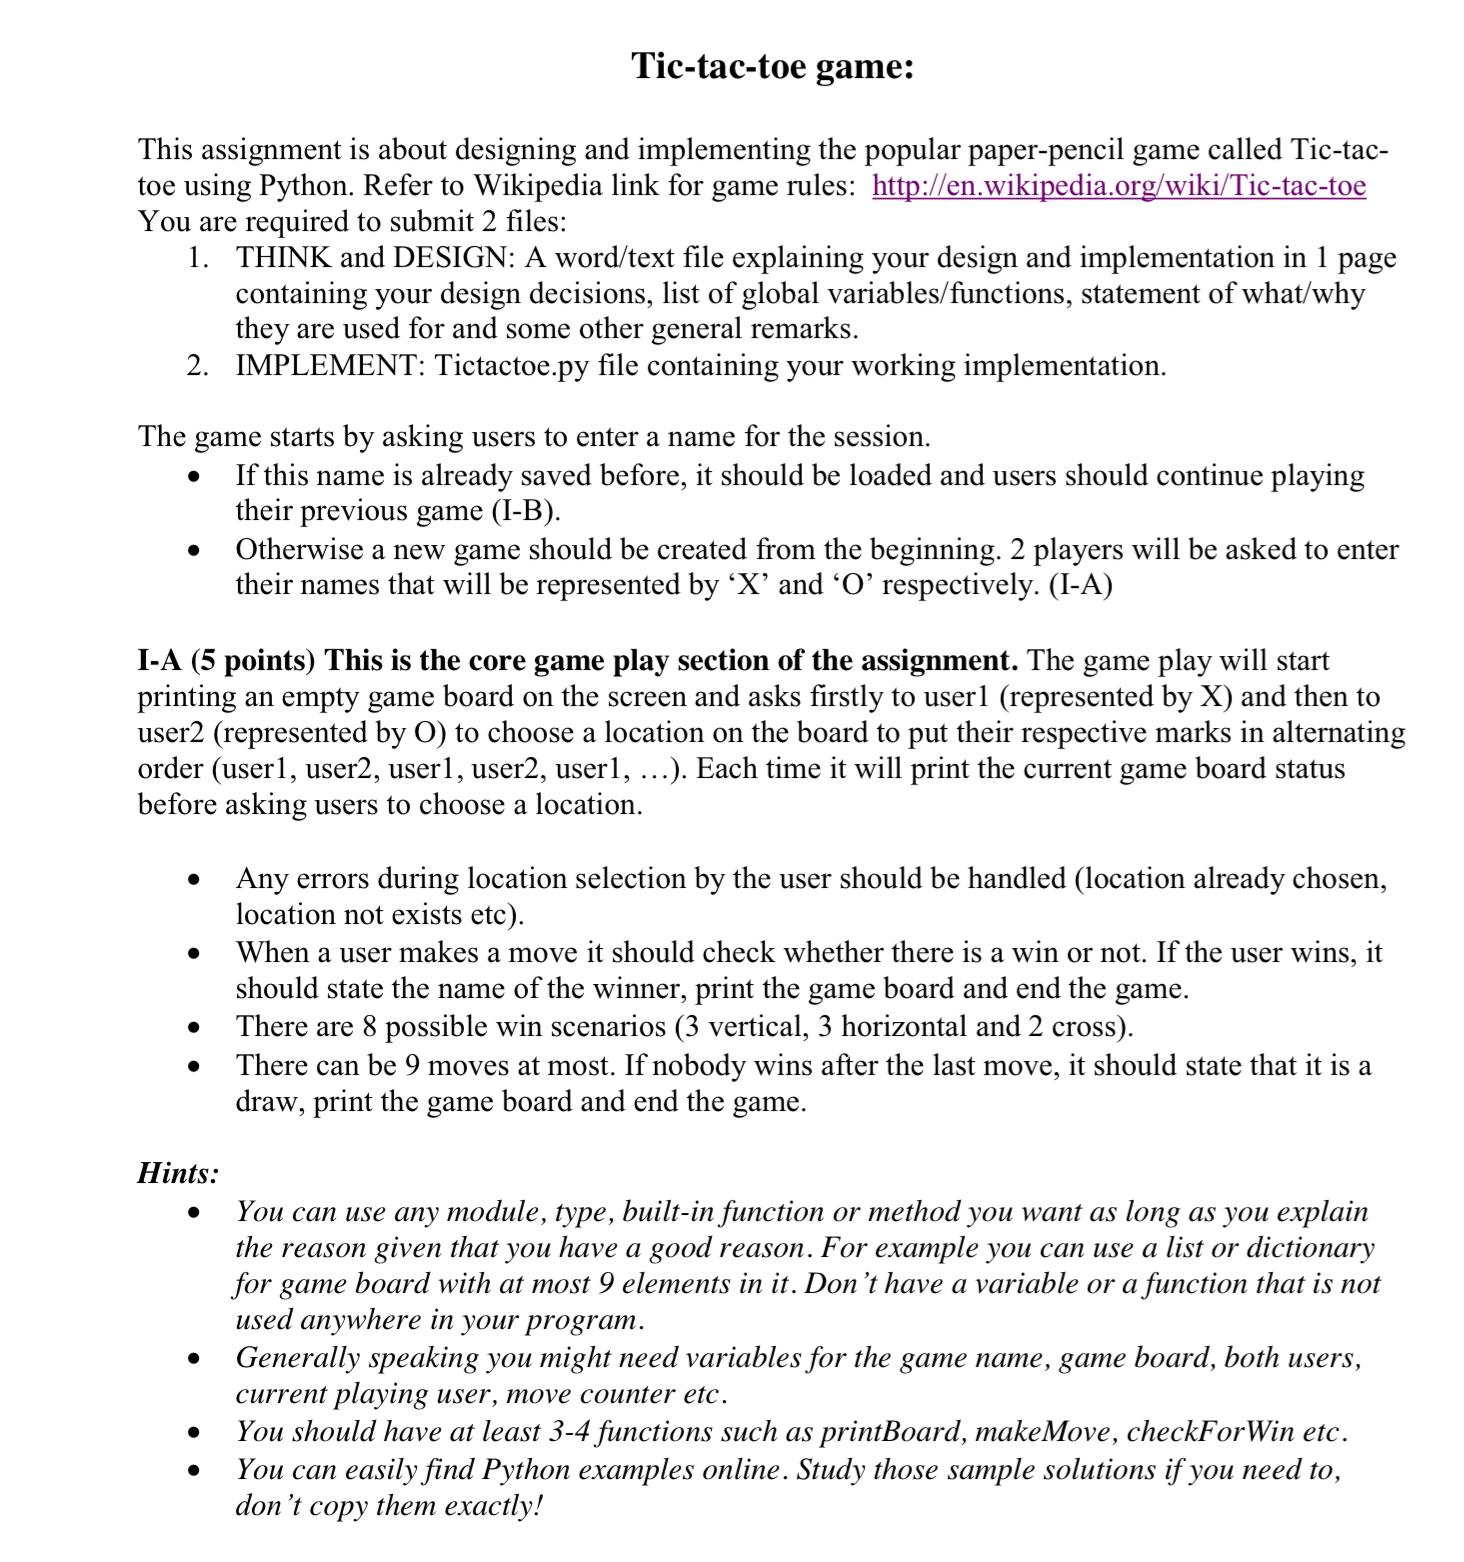 Video game design essay